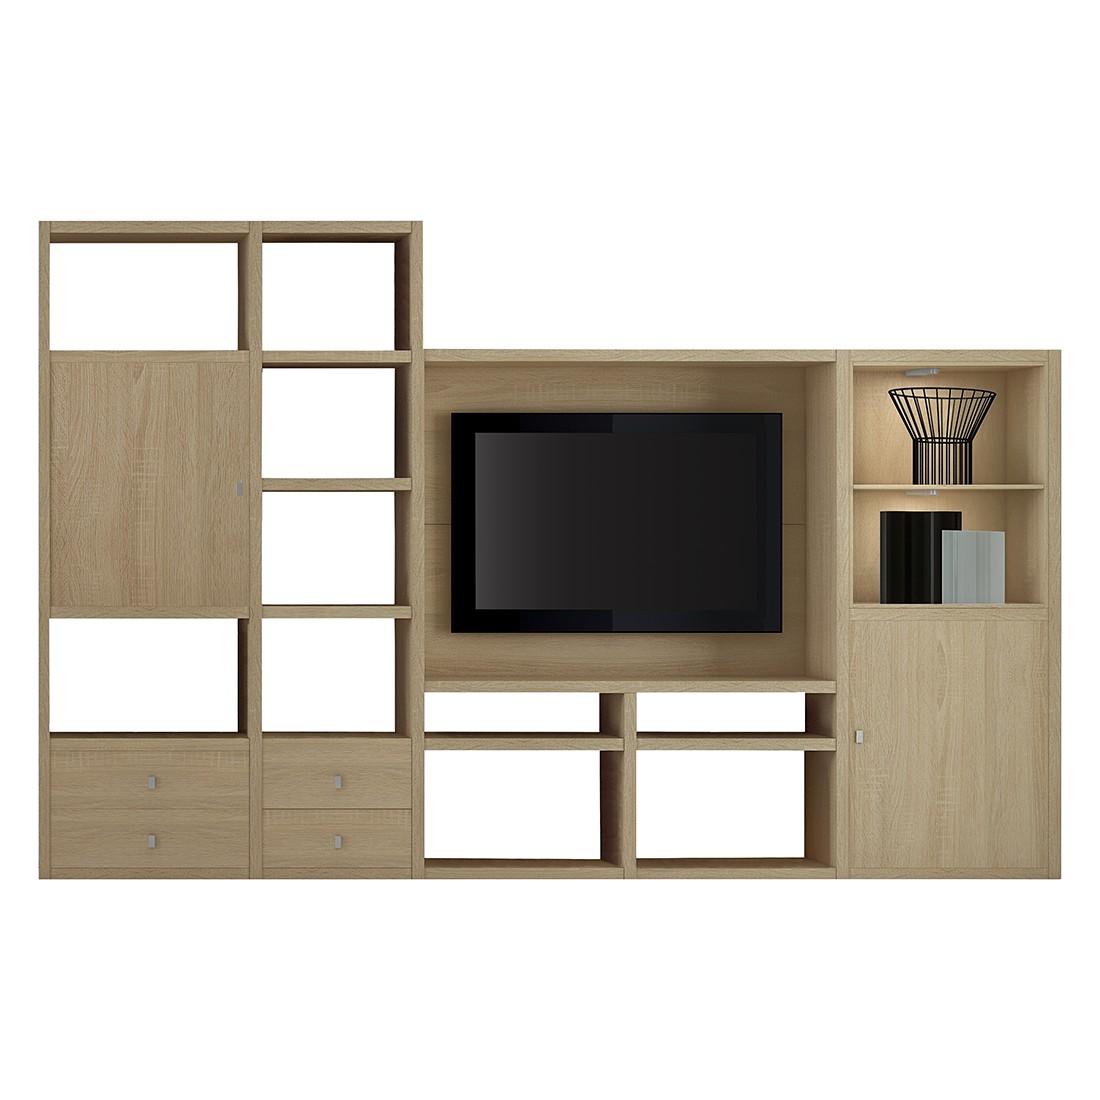 energie  A+, Tv-wand Emporior II - inclusief verlichting - Eikenhouten look, loftscape